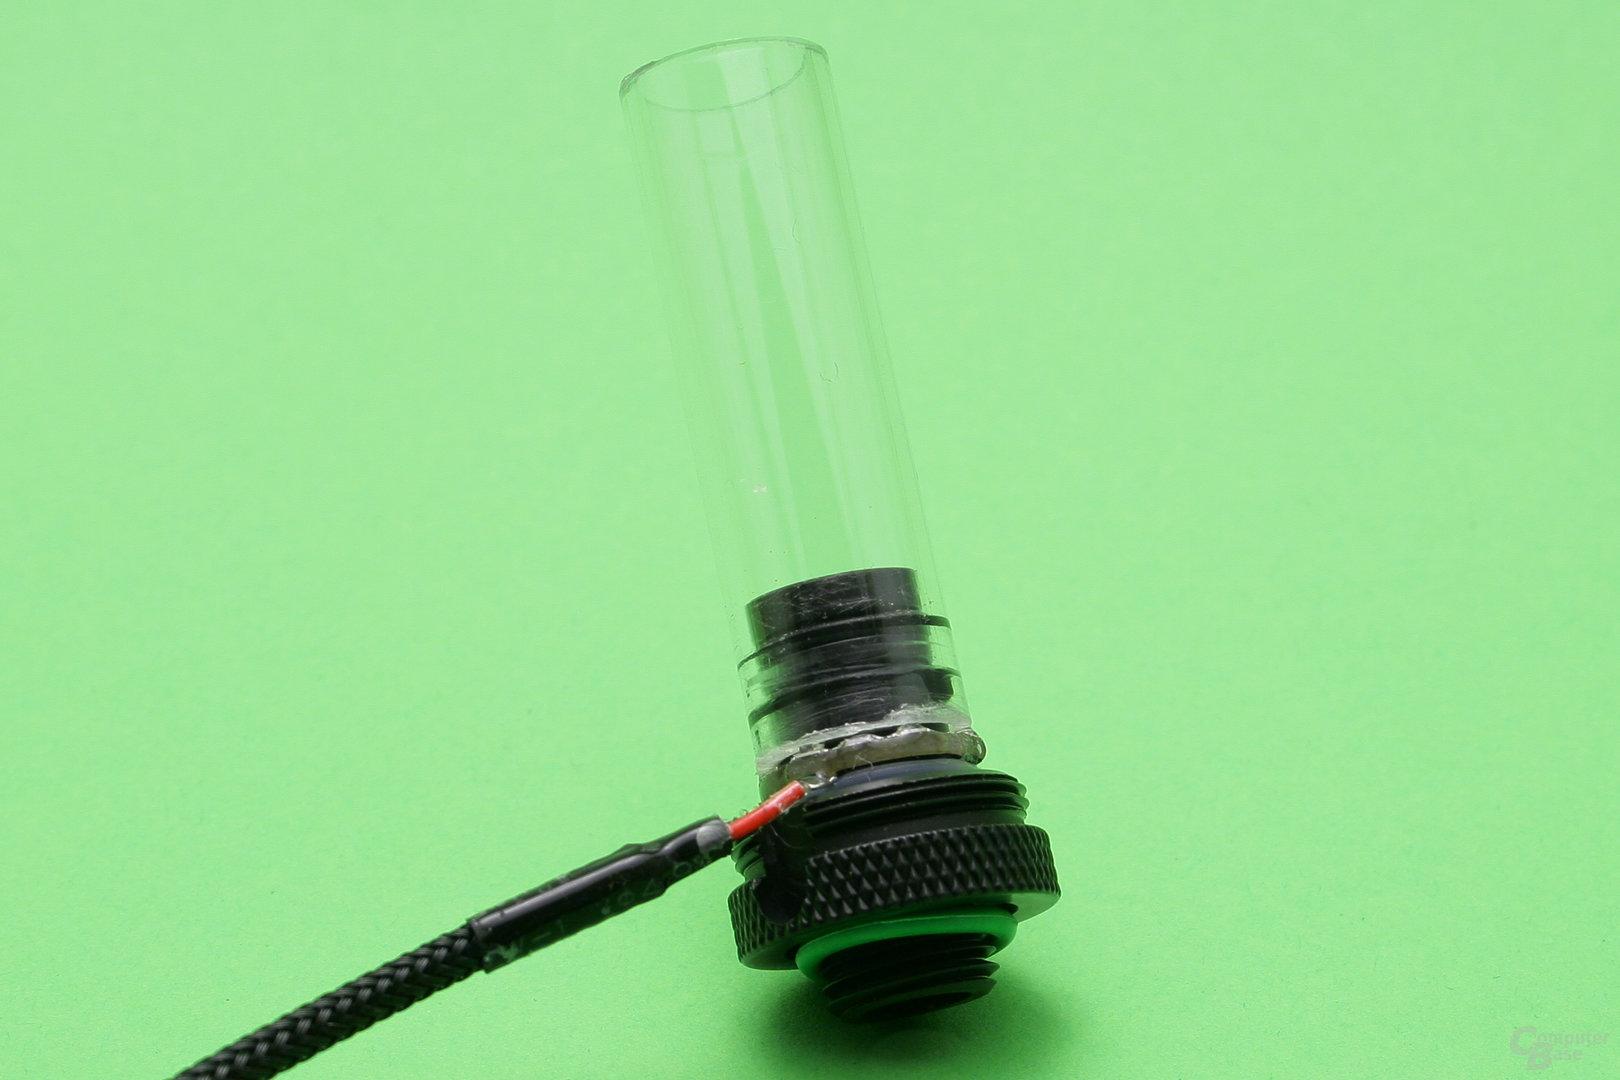 CoolForce LED-Fitting mit PETG-Rohr: Dichtungsringe sind innen angebracht